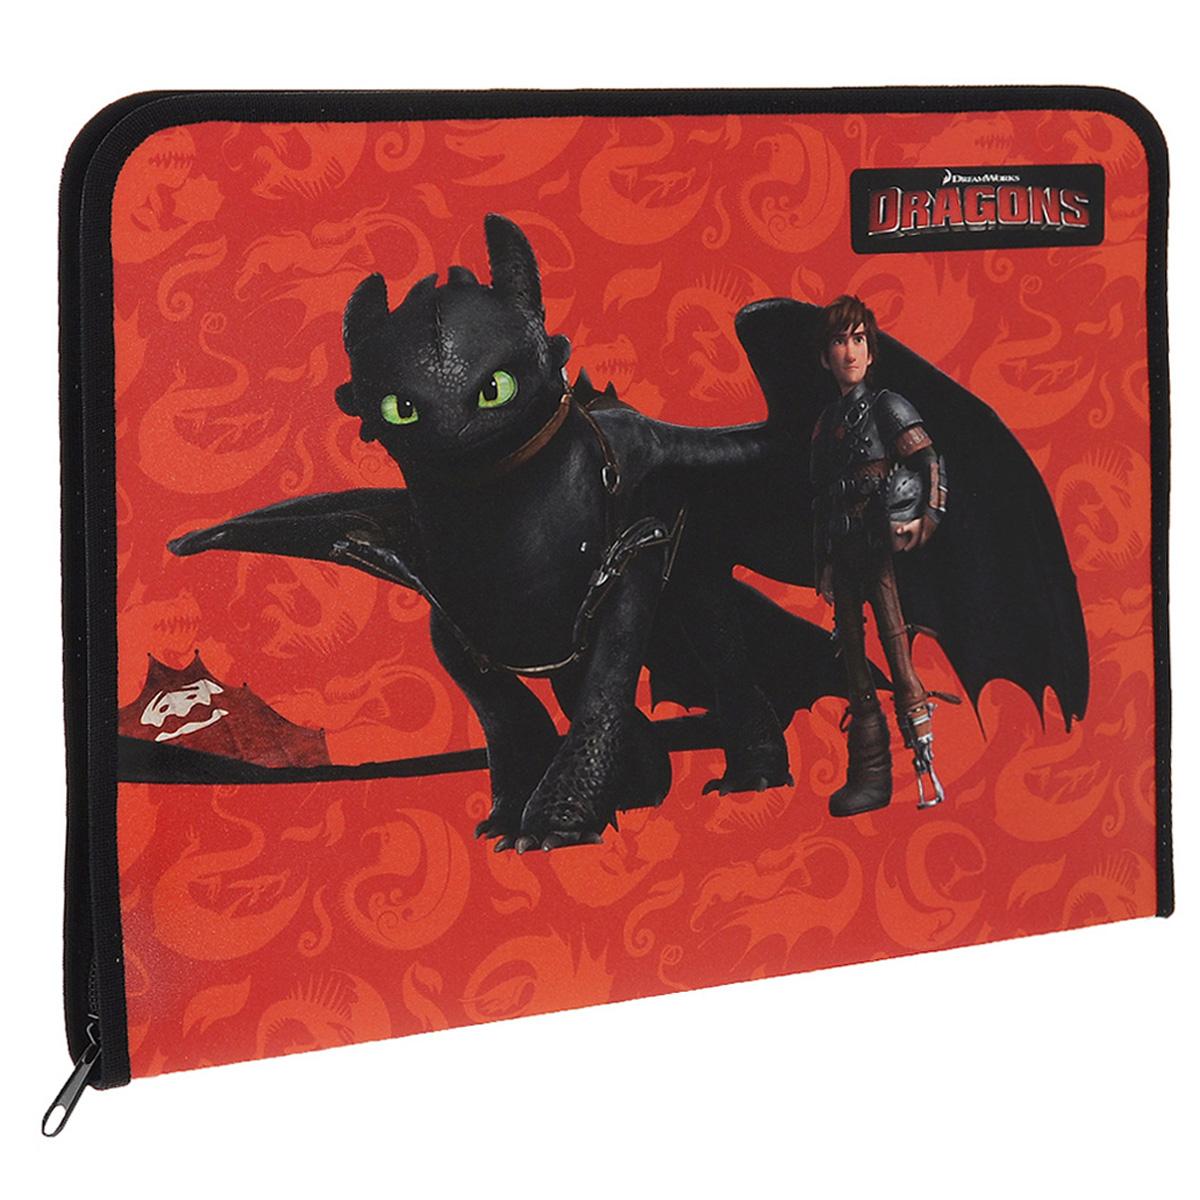 Action! Папка для труда Dragons цвет оранжевый черныйDR-FZA4-L_черный, оранжевыйПапка для труда Action! Dragons предназначена для хранения тетрадей, рисунков и прочих бумаг формата А4, а также ручек, карандашей, ластиков и точилок. Папка оформлена изображением Иккинга и Беззубика - персонажей мультфильма Как приручить дракона. Внутри находится вкладыш, содержащий 10 фиксаторов для школьных принадлежностей. Закрывается папка на застежку-молнию. Яркая и удобная, такая папка непременно понравится вашему ребенку.